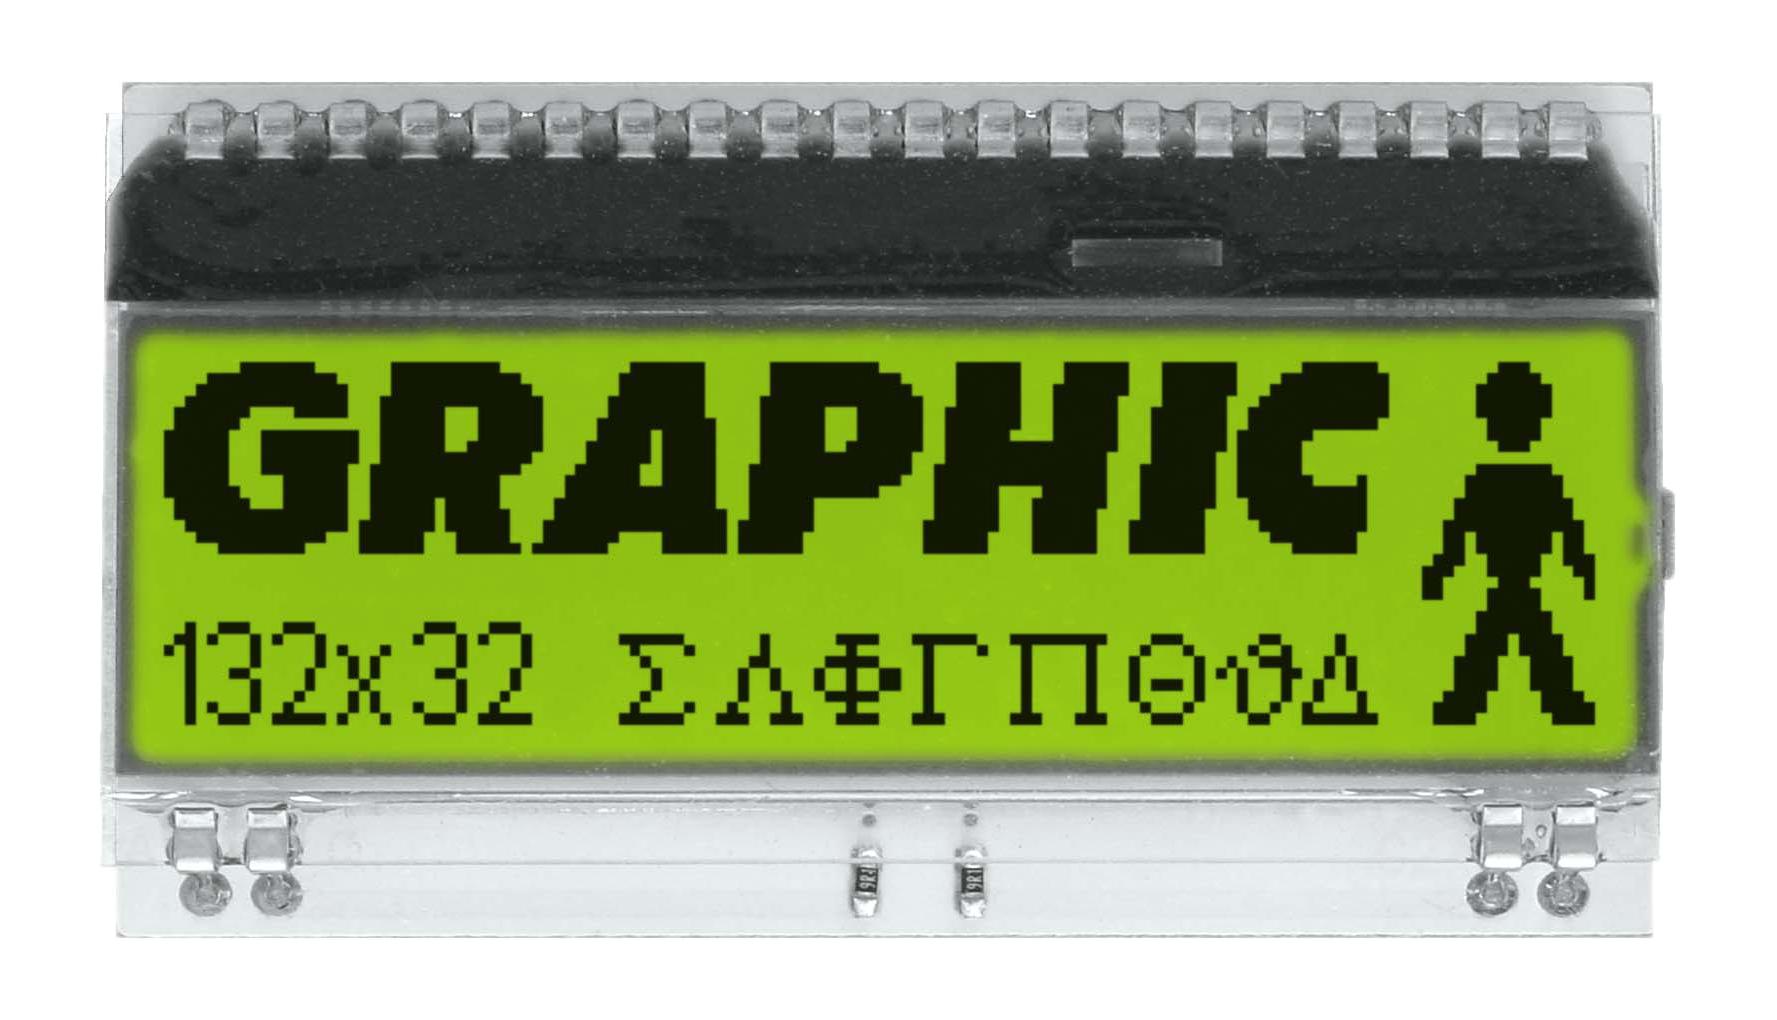 132x32 DOG Grafikdisplay, STN gelb/grün